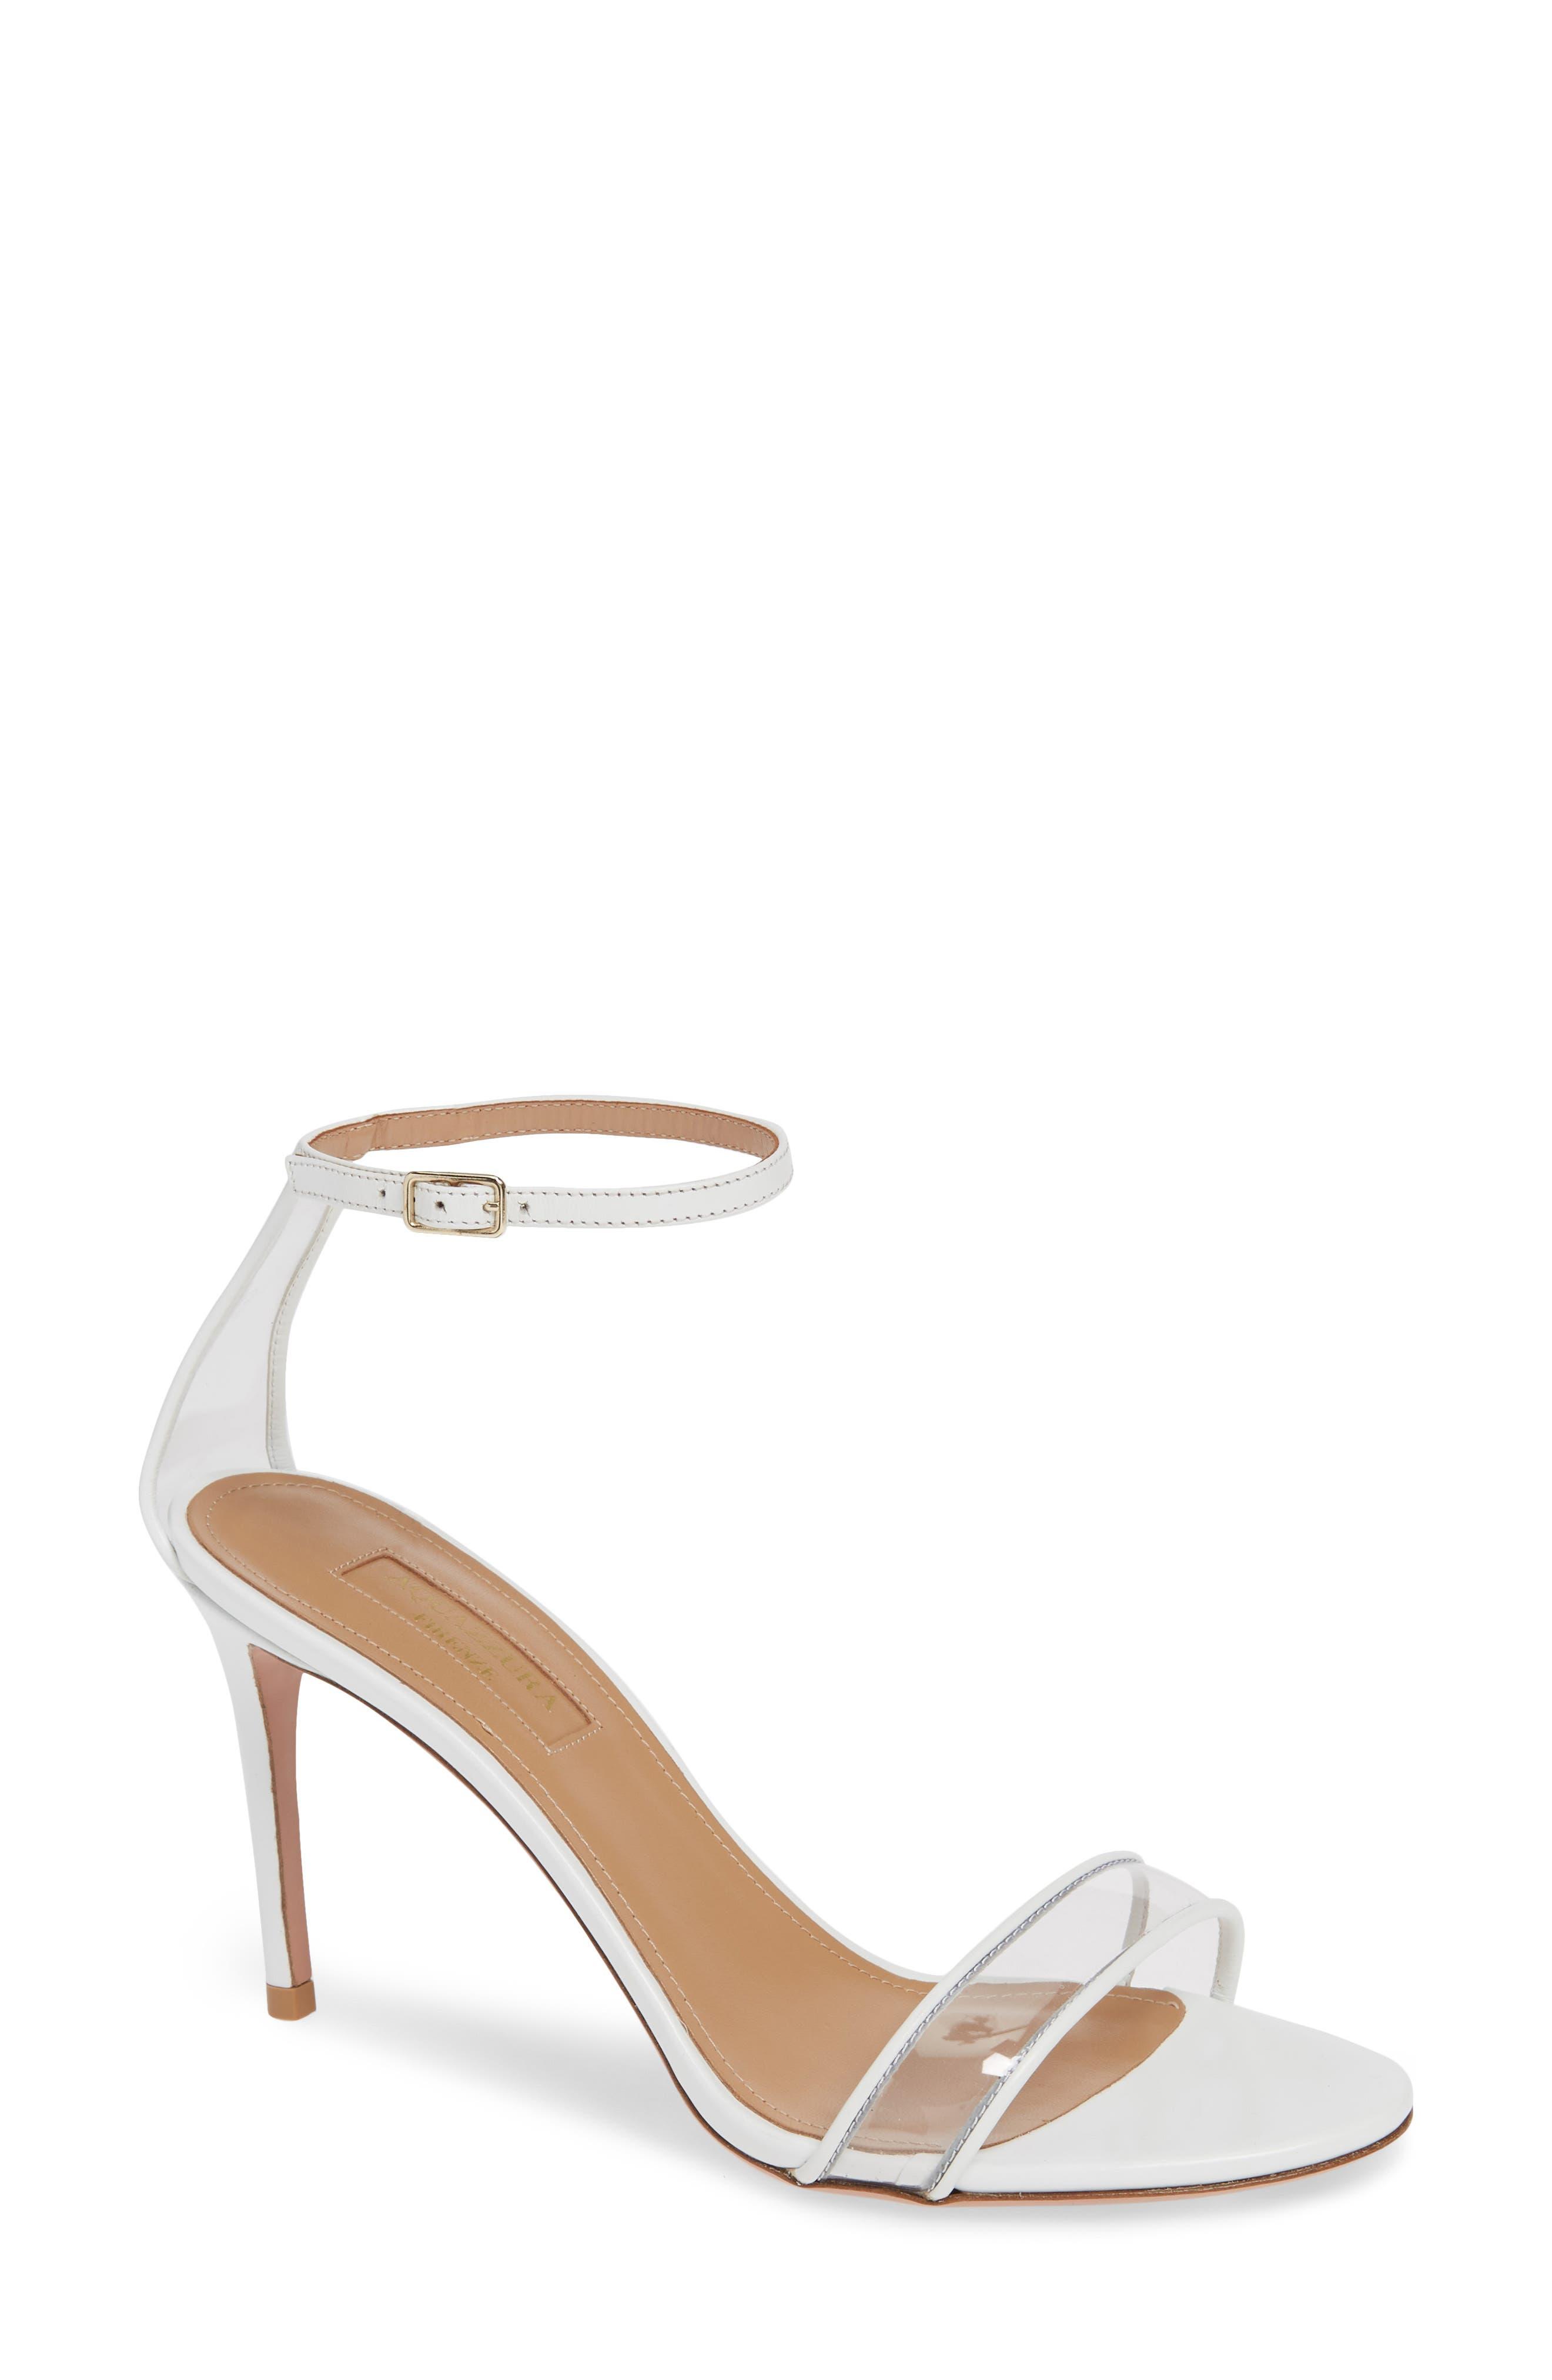 Aquazzura Minimalist Clear Sandal